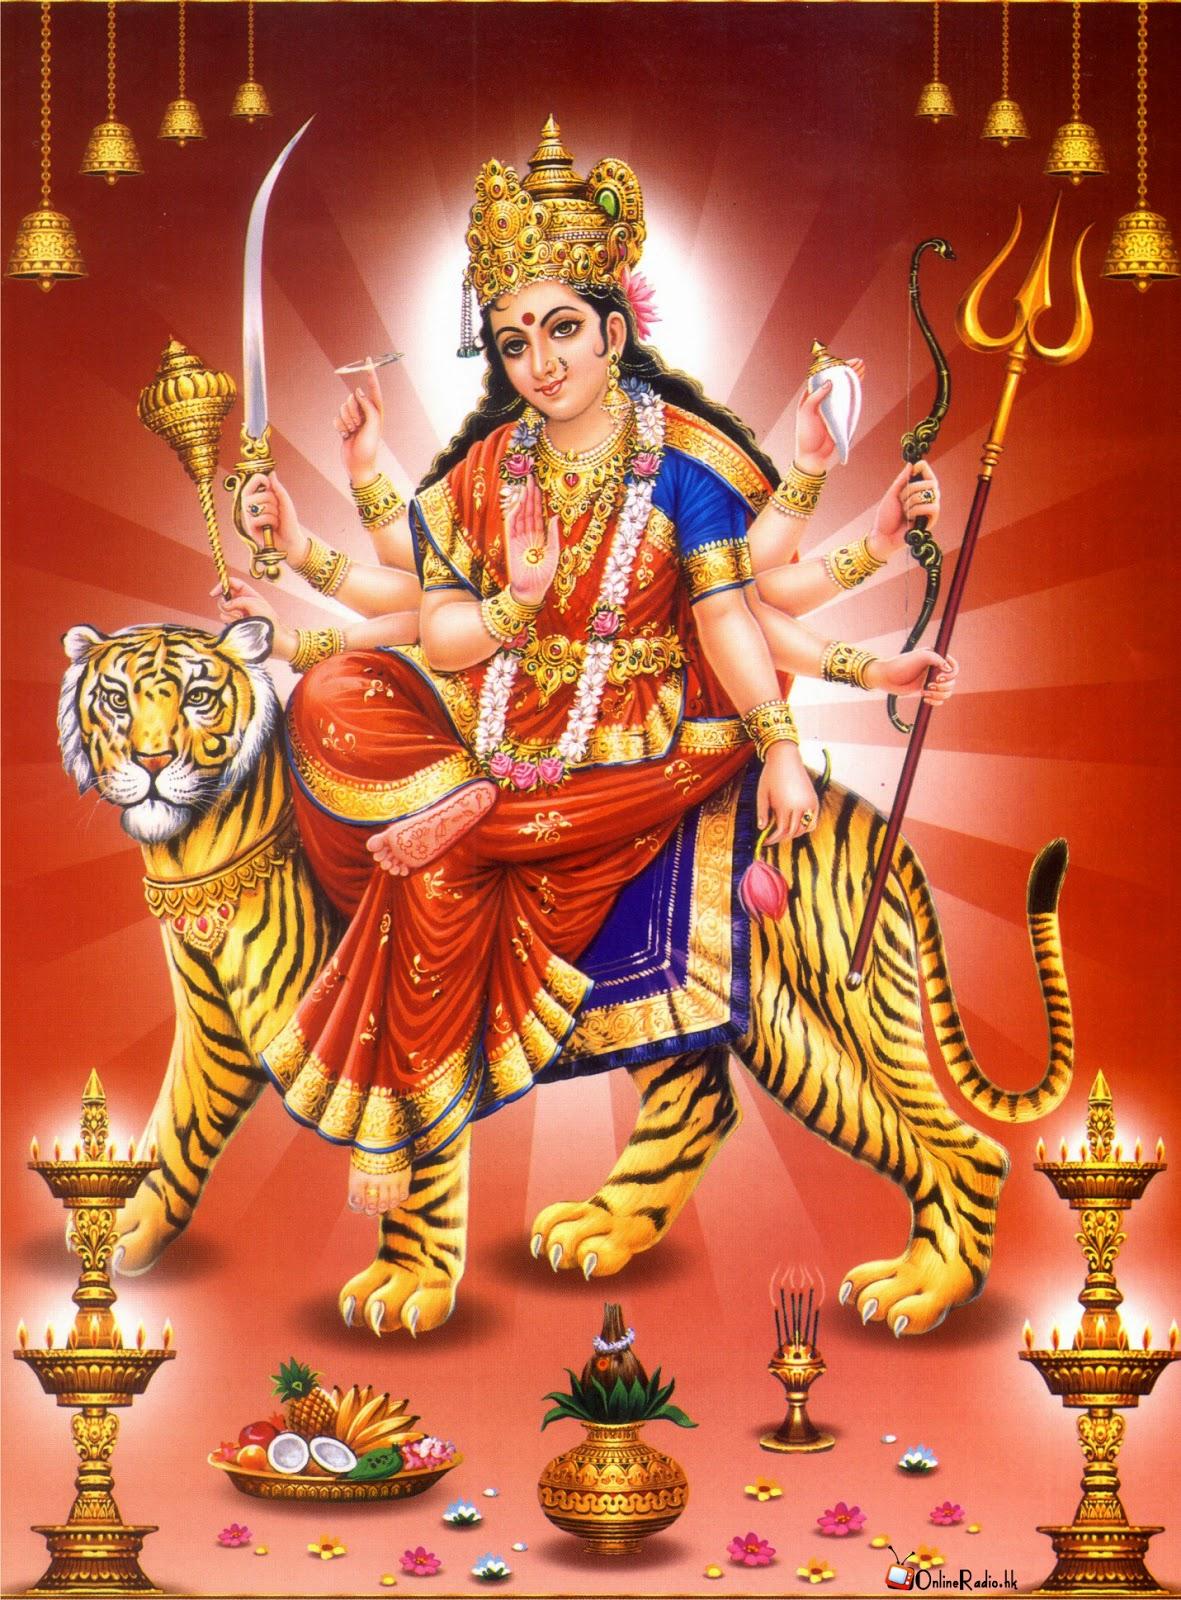 holi diwali status: mata vaishno devi new hd wallpaper high resolution